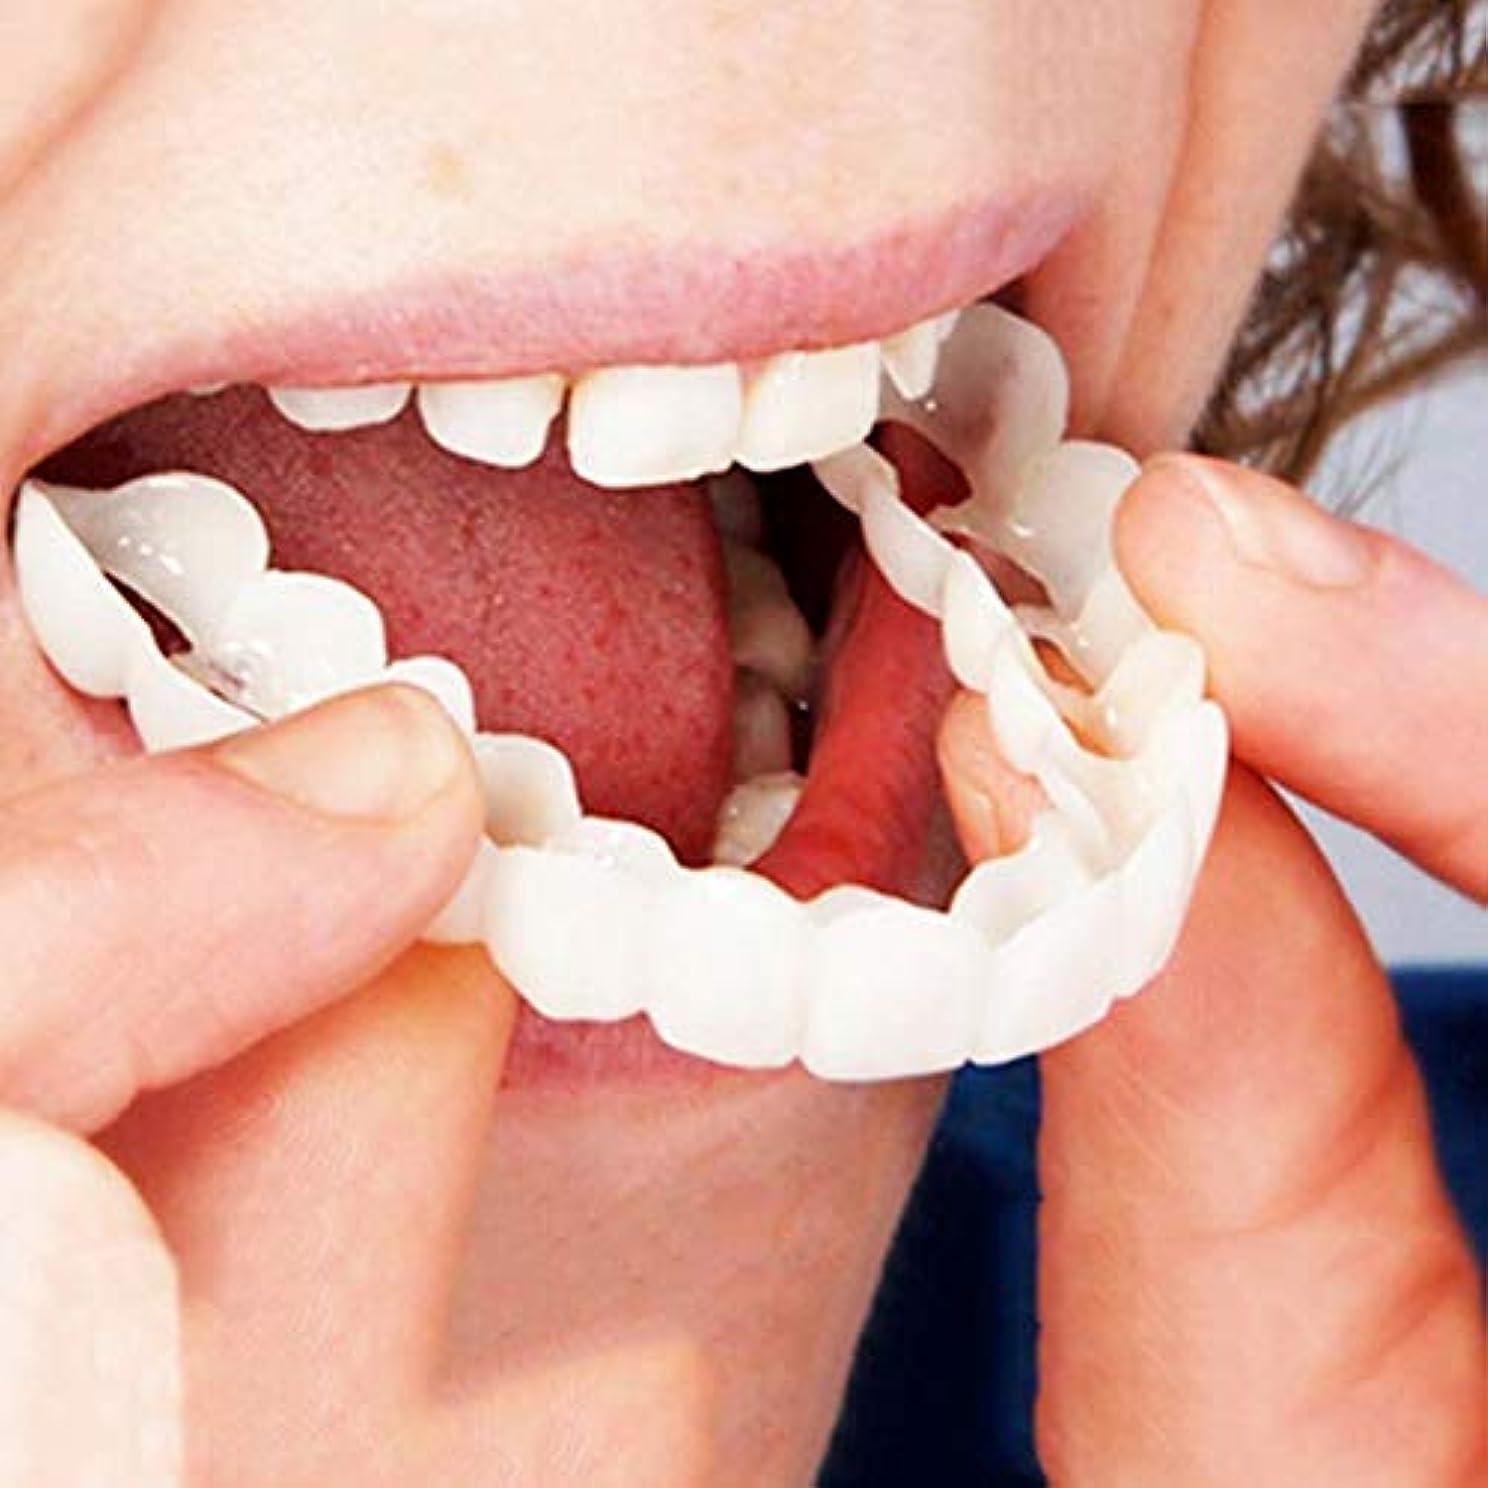 胃崇拝します八TerGOOSE 歯 矯正 矯正器 歯を白く 矯正用リテーナー 完璧な笑顔 快適な 歯列矯正 歯並び 噛み合わせ 歯リテイナー 歯ぎしり いびき防止 多機能 健康管理ツール 歯の損傷を防ぐ 有効 (下+上)